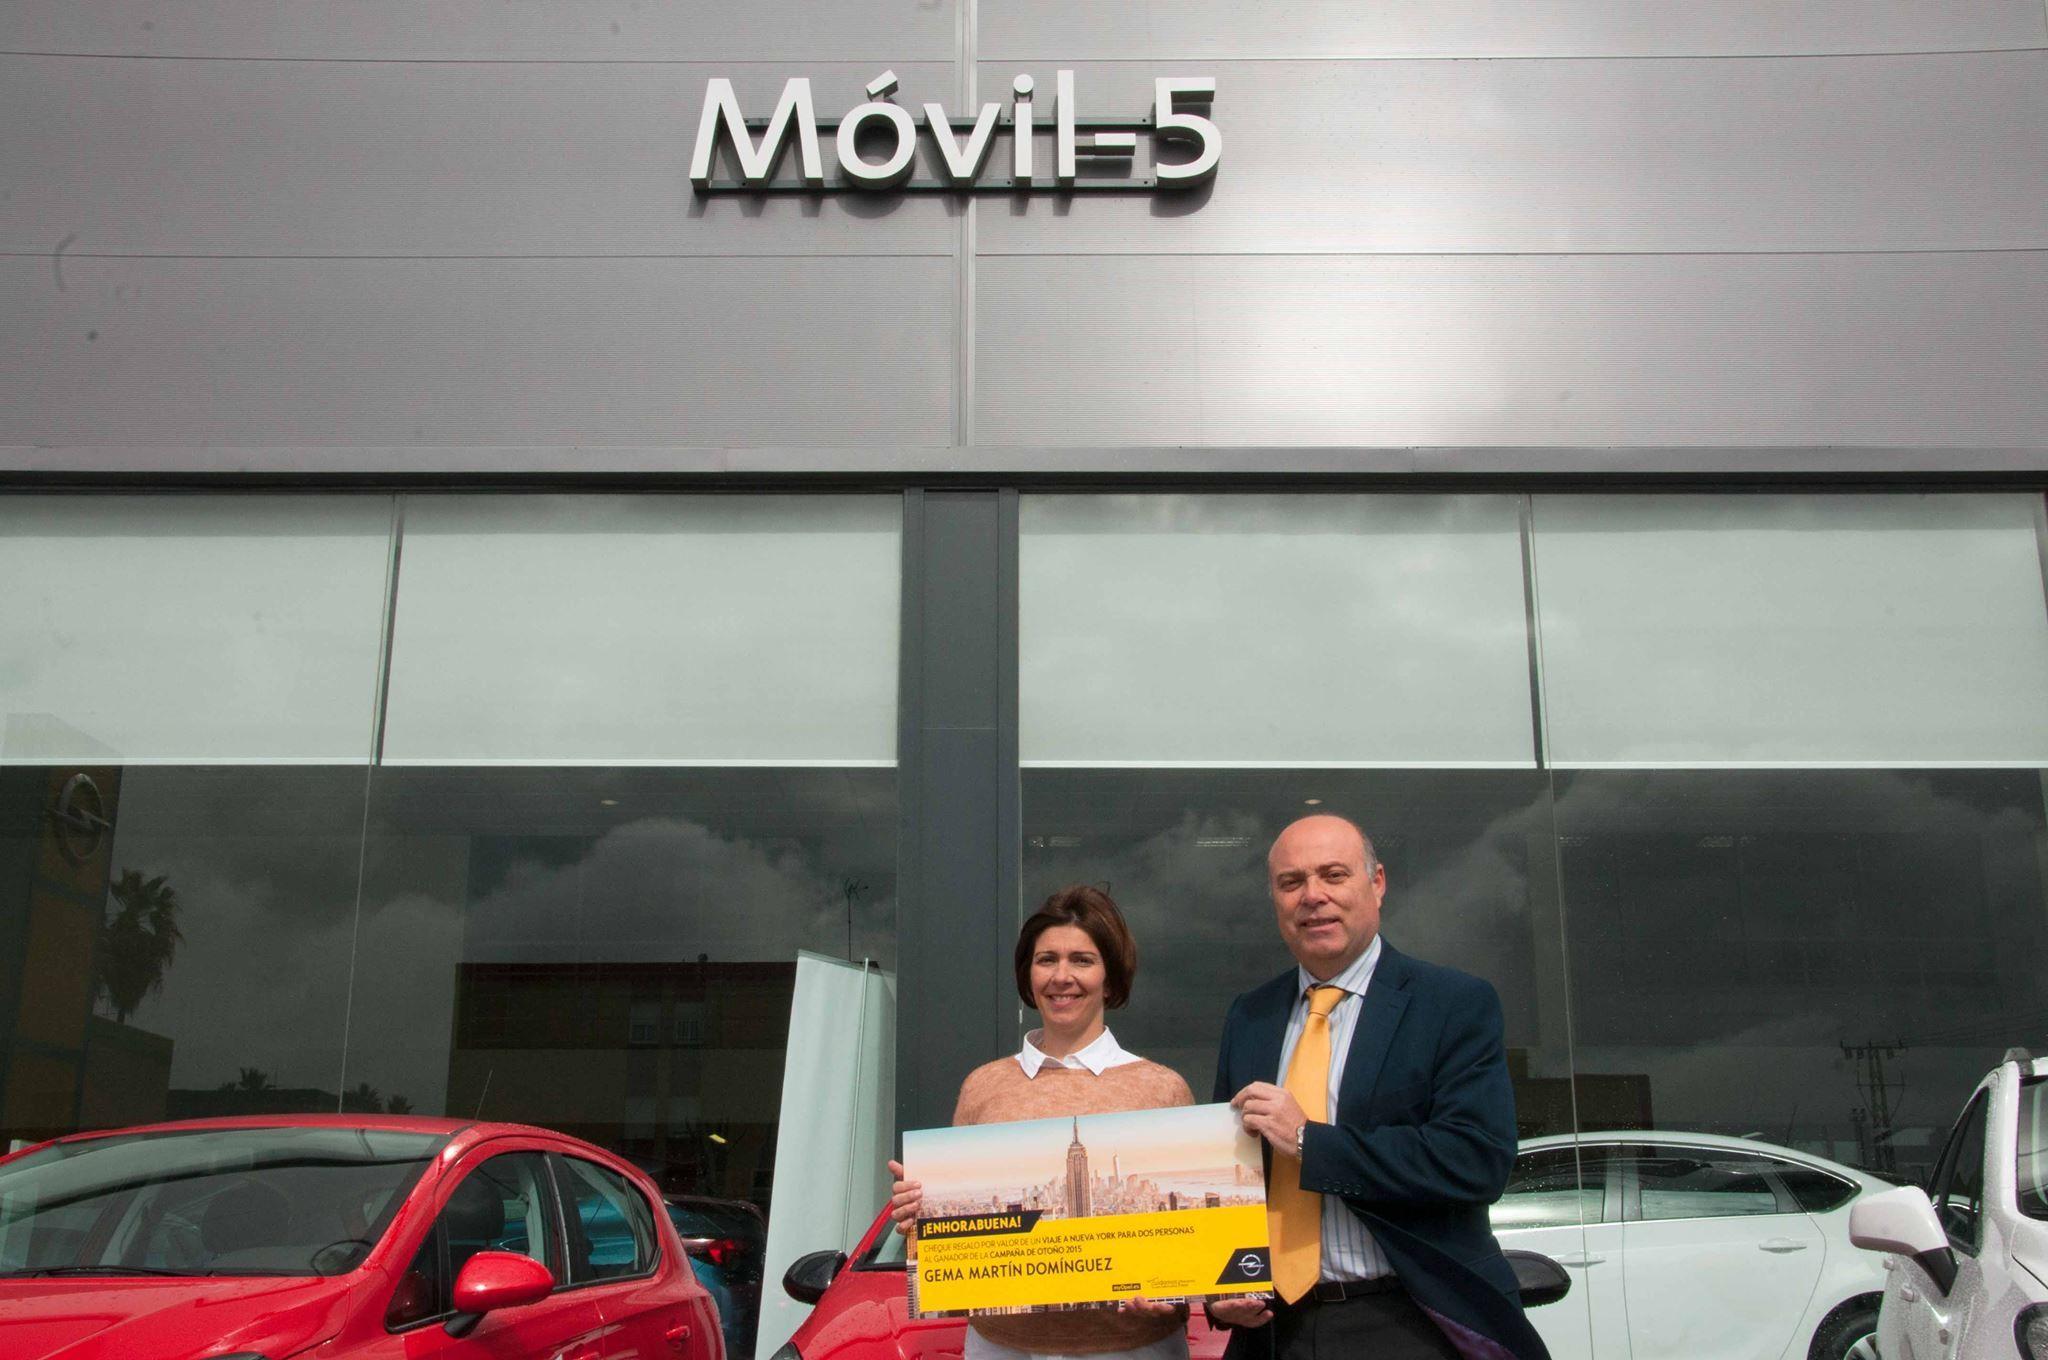 Móvil-5 entrega unos de los 25 premios sorteados en la Campaña de Otoño